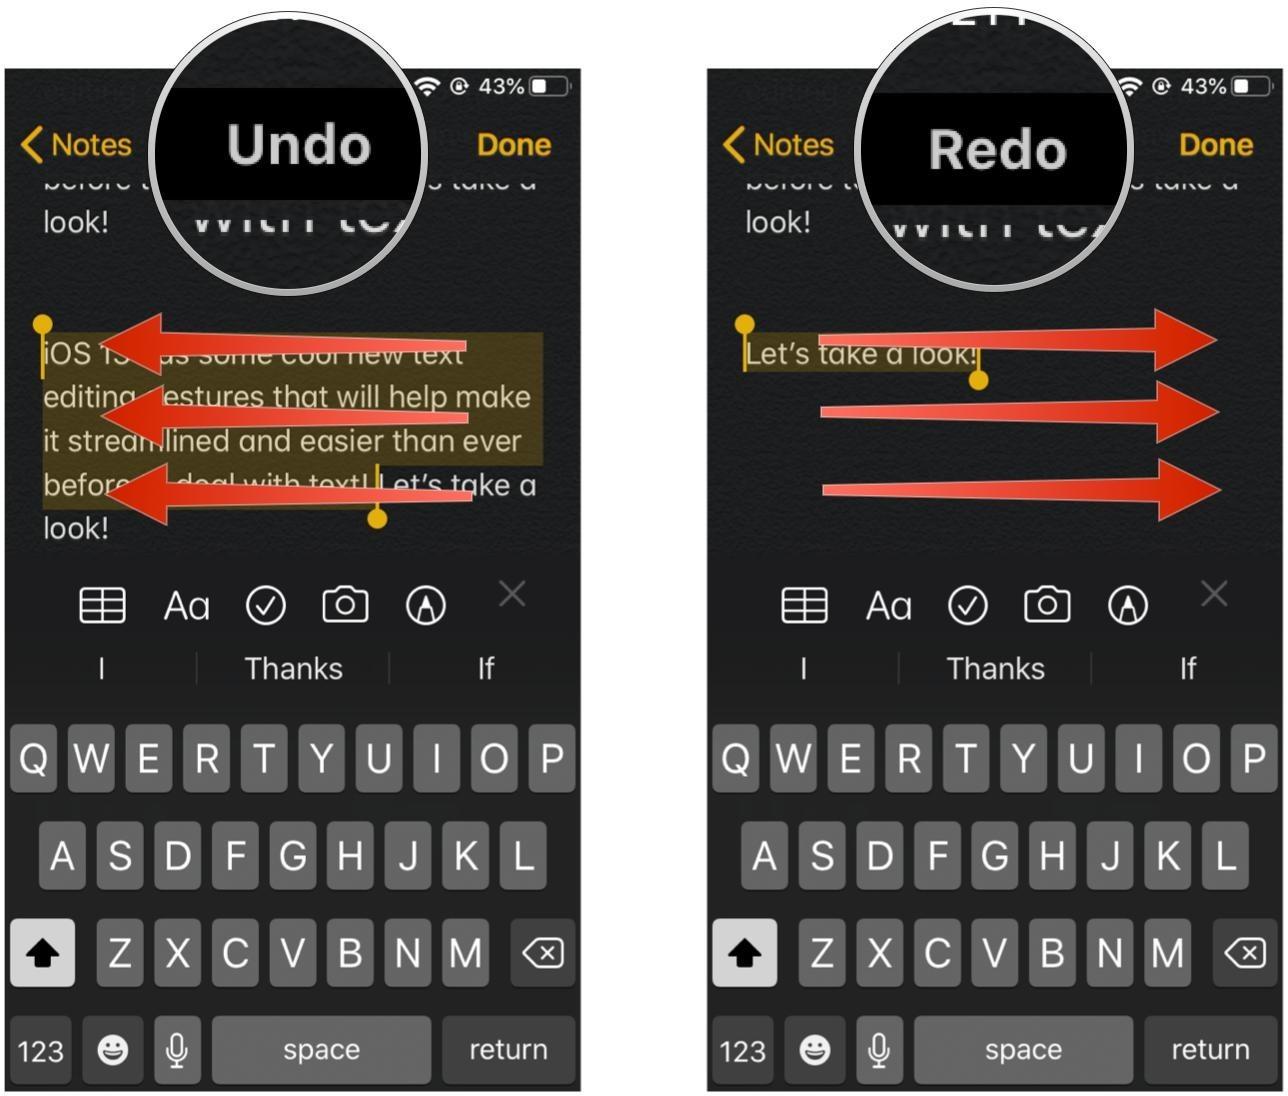 Cách chỉnh sửa văn bản trên iOS 13 và iPadOS 13